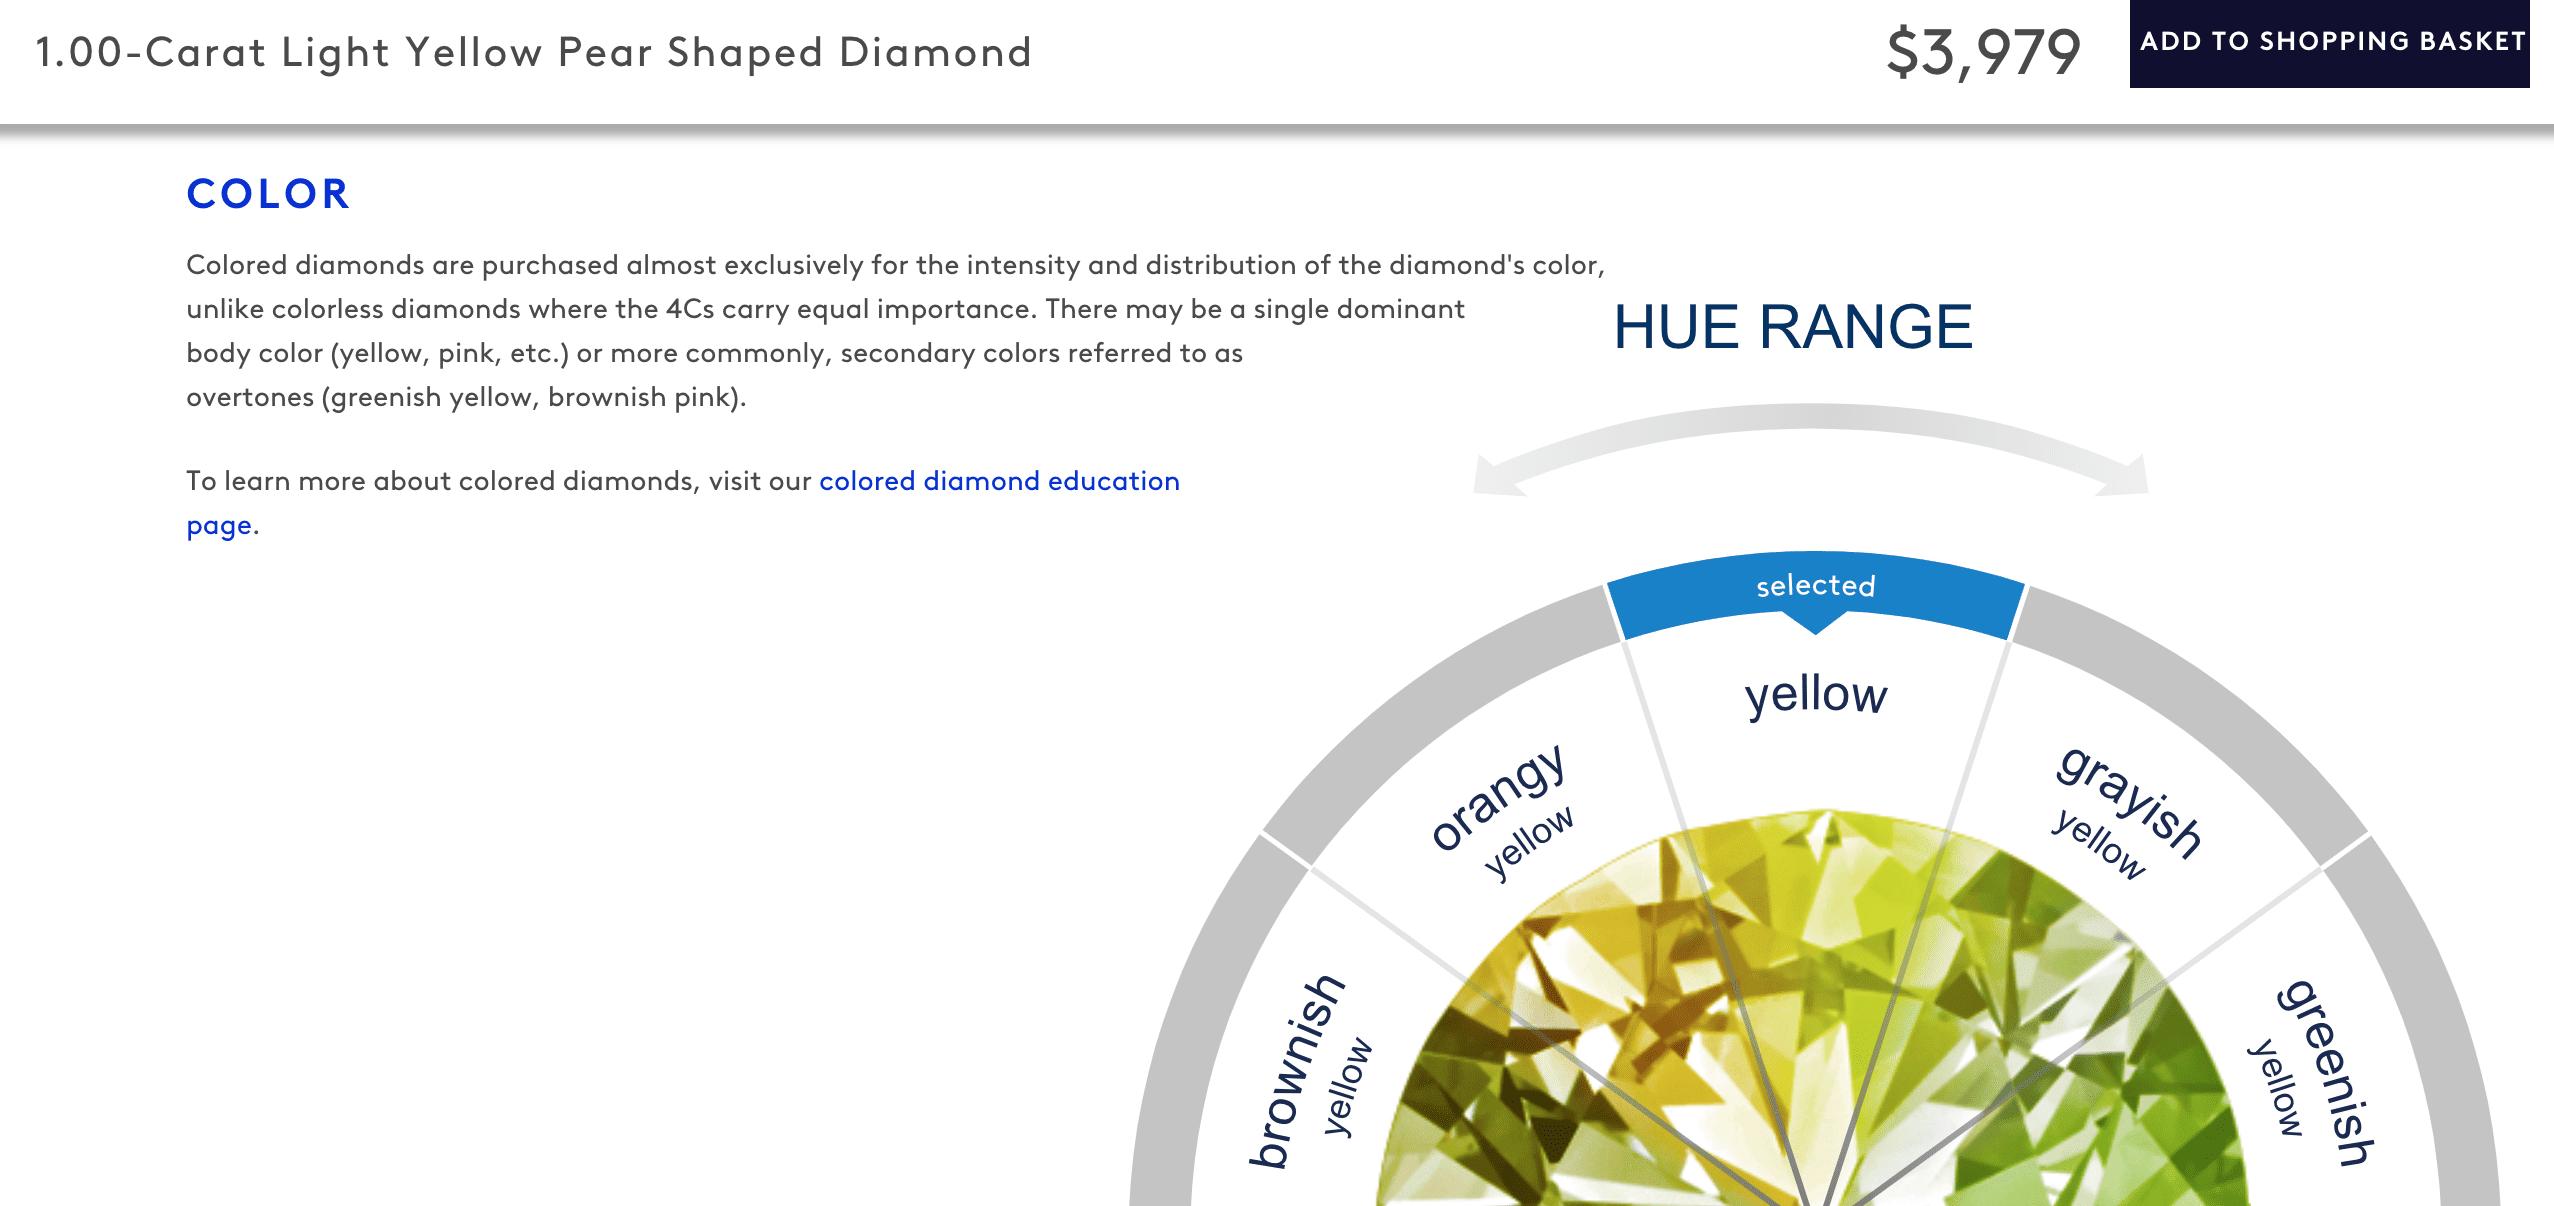 Blue Nile Pear-Shaped Diamond